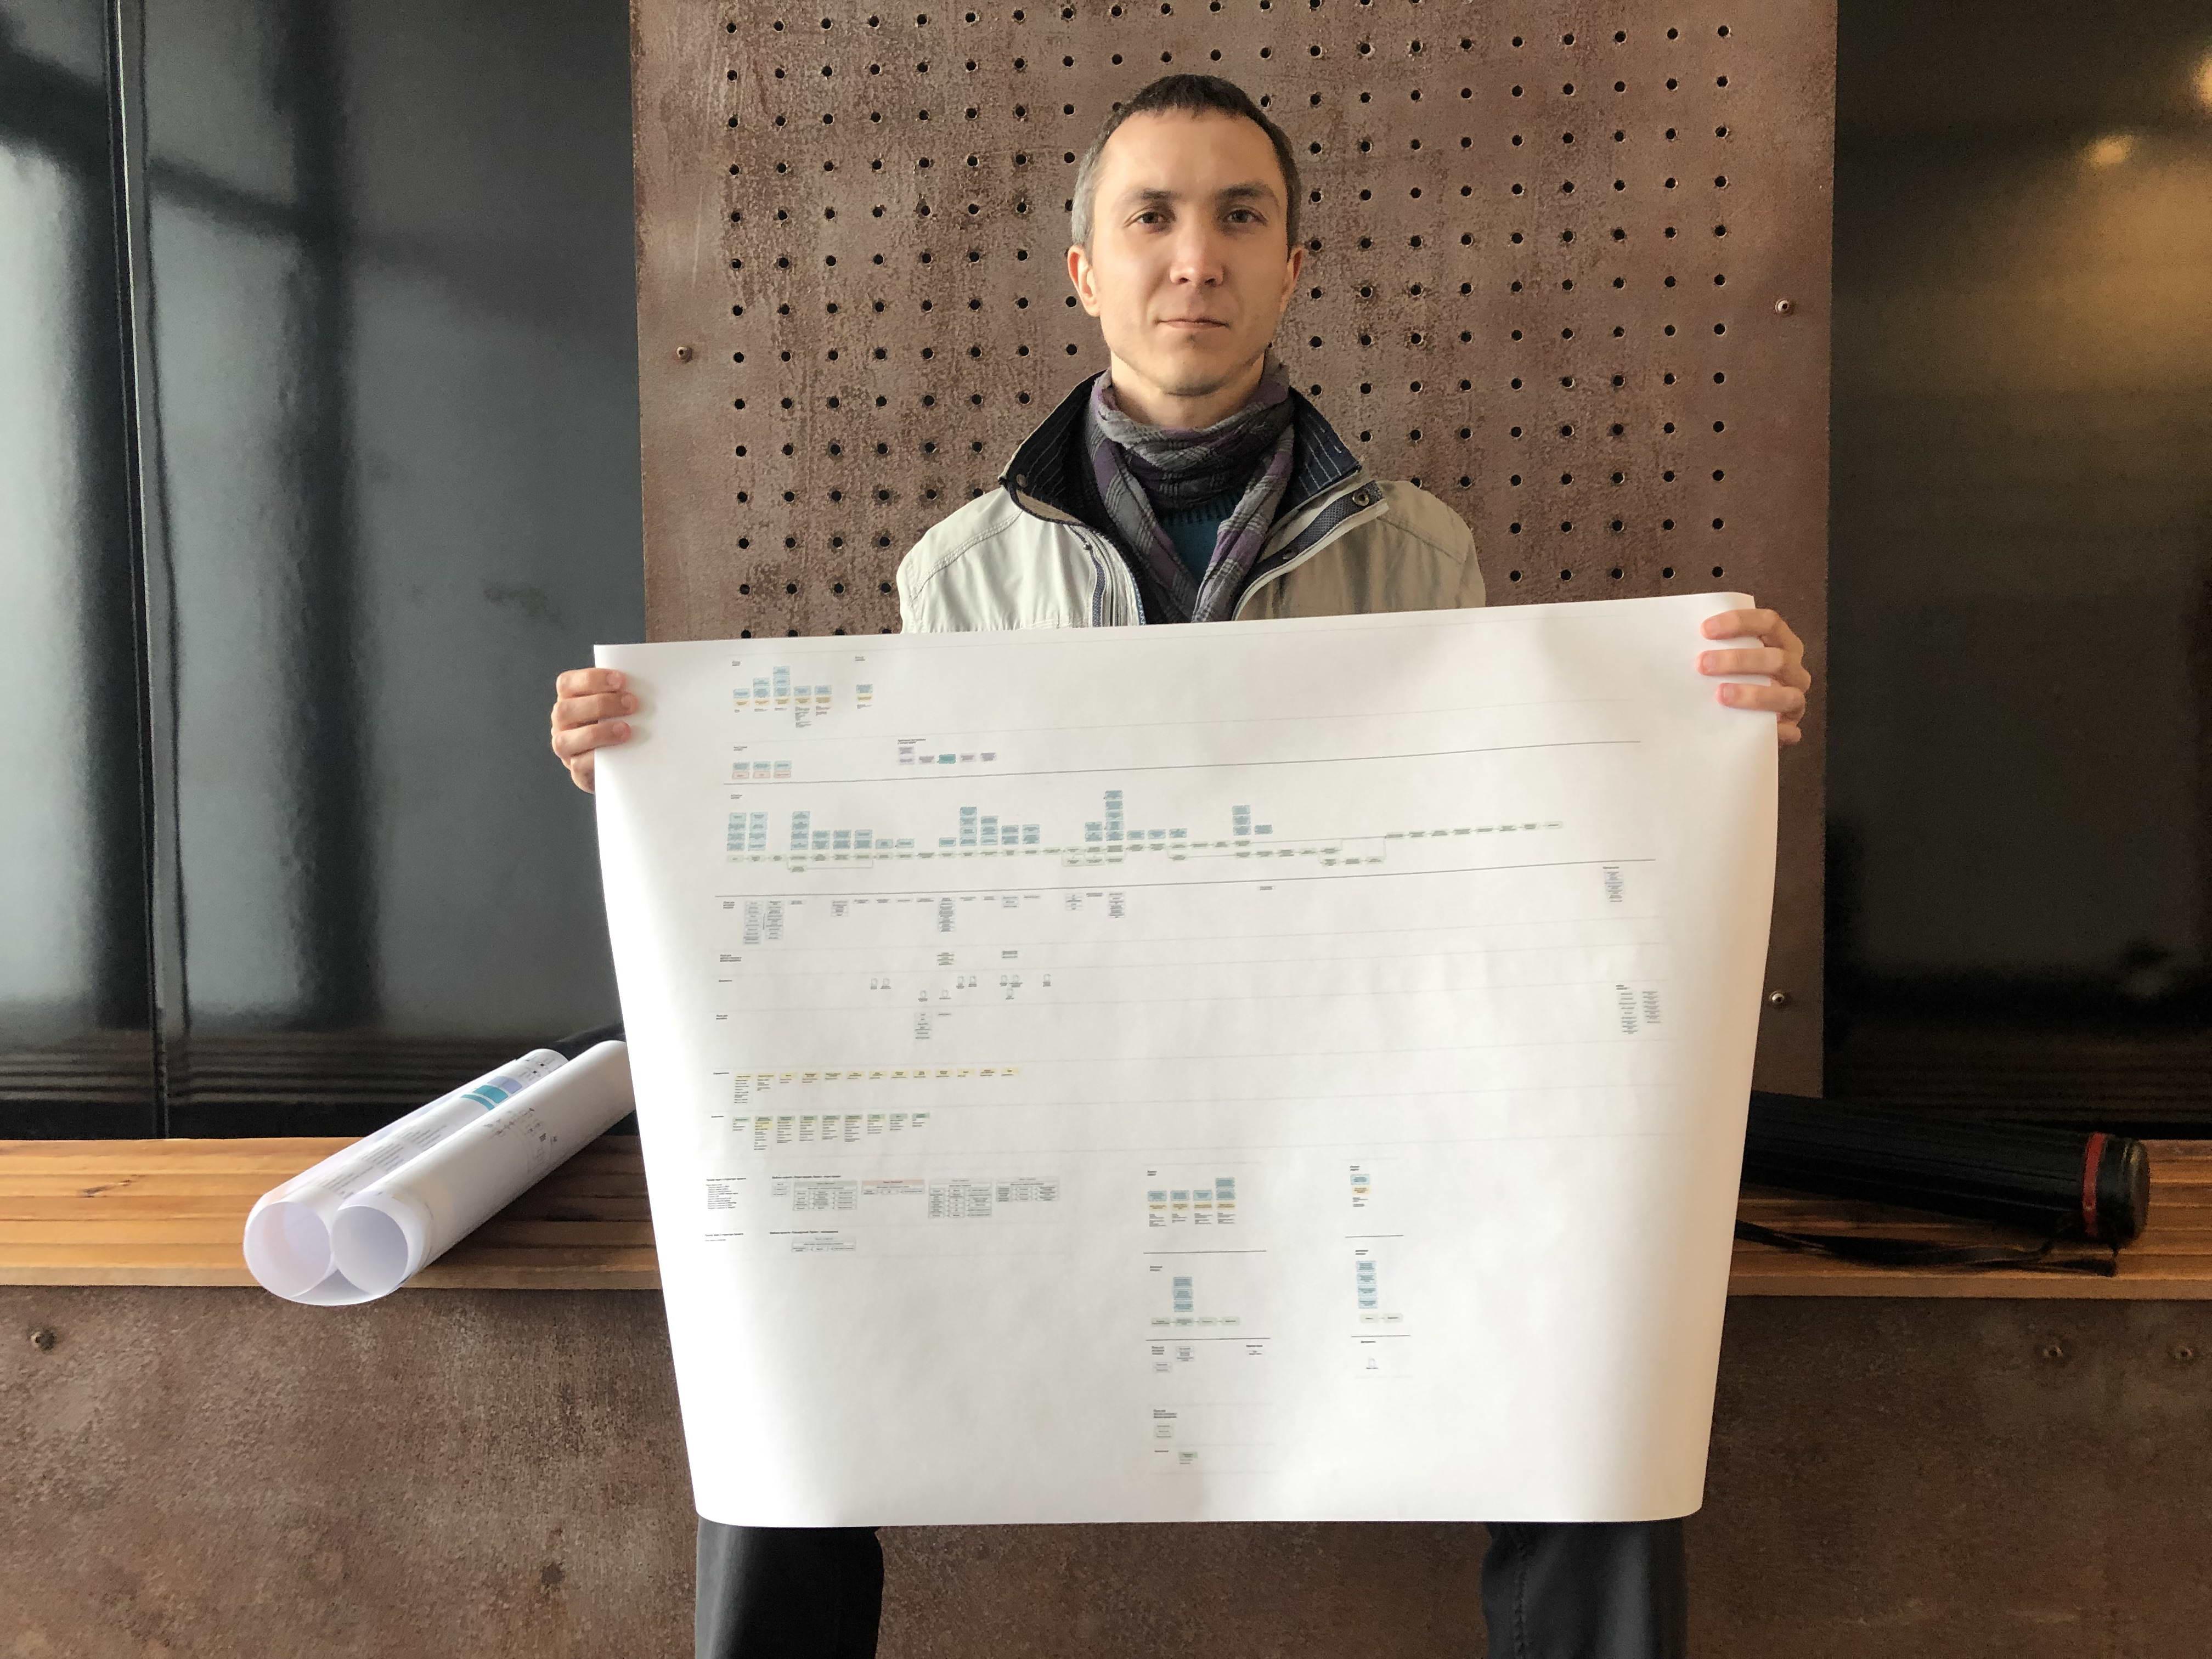 Сергей Улаев, руководитель компании AffContext